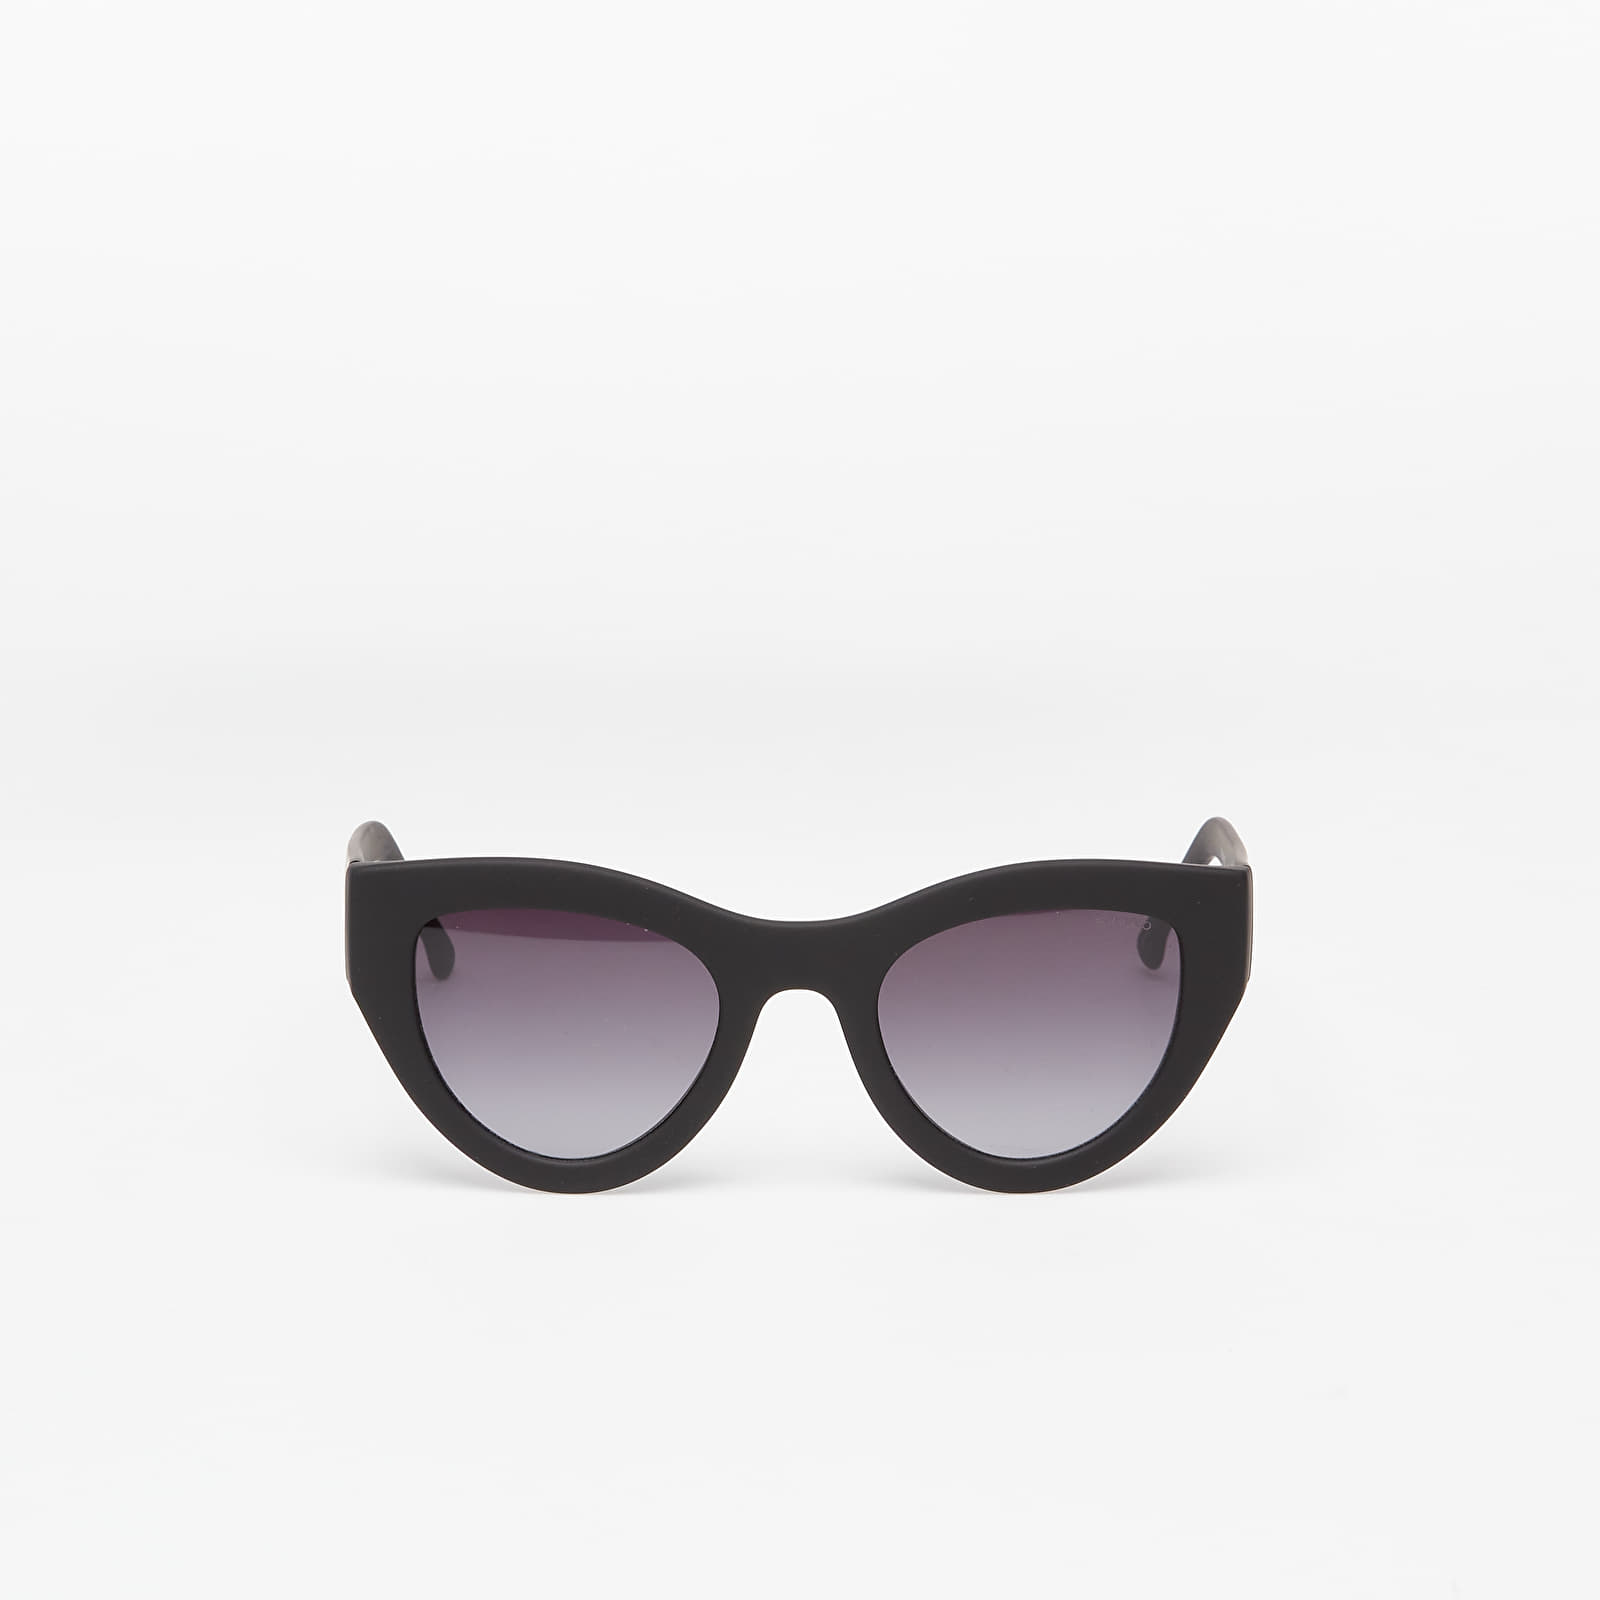 Ochelari de soare KOMONO Phoenix Glasses Carbon